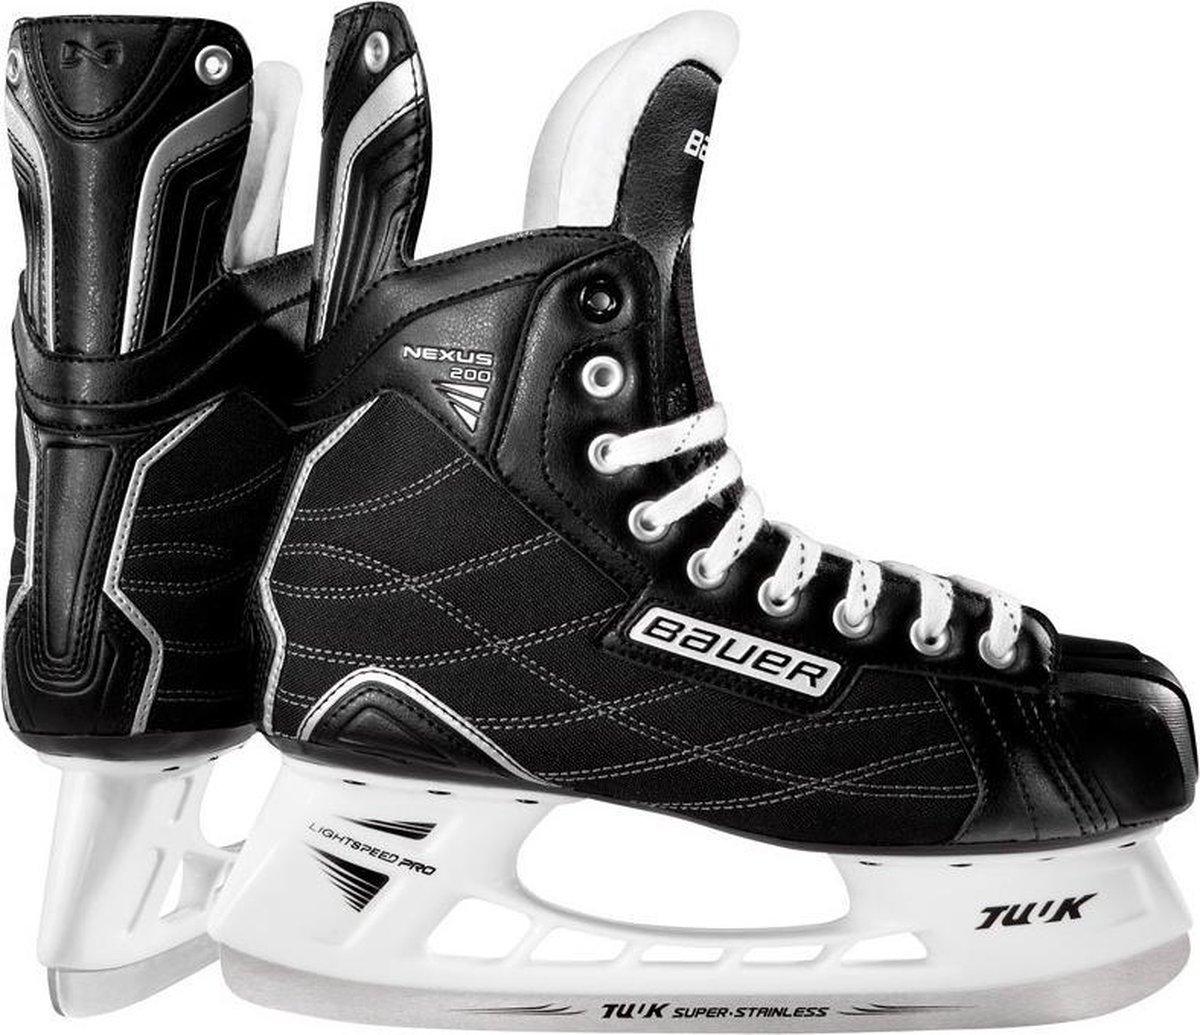 Bauer IJshockeyschaats NEXUS 200 | Maat 42